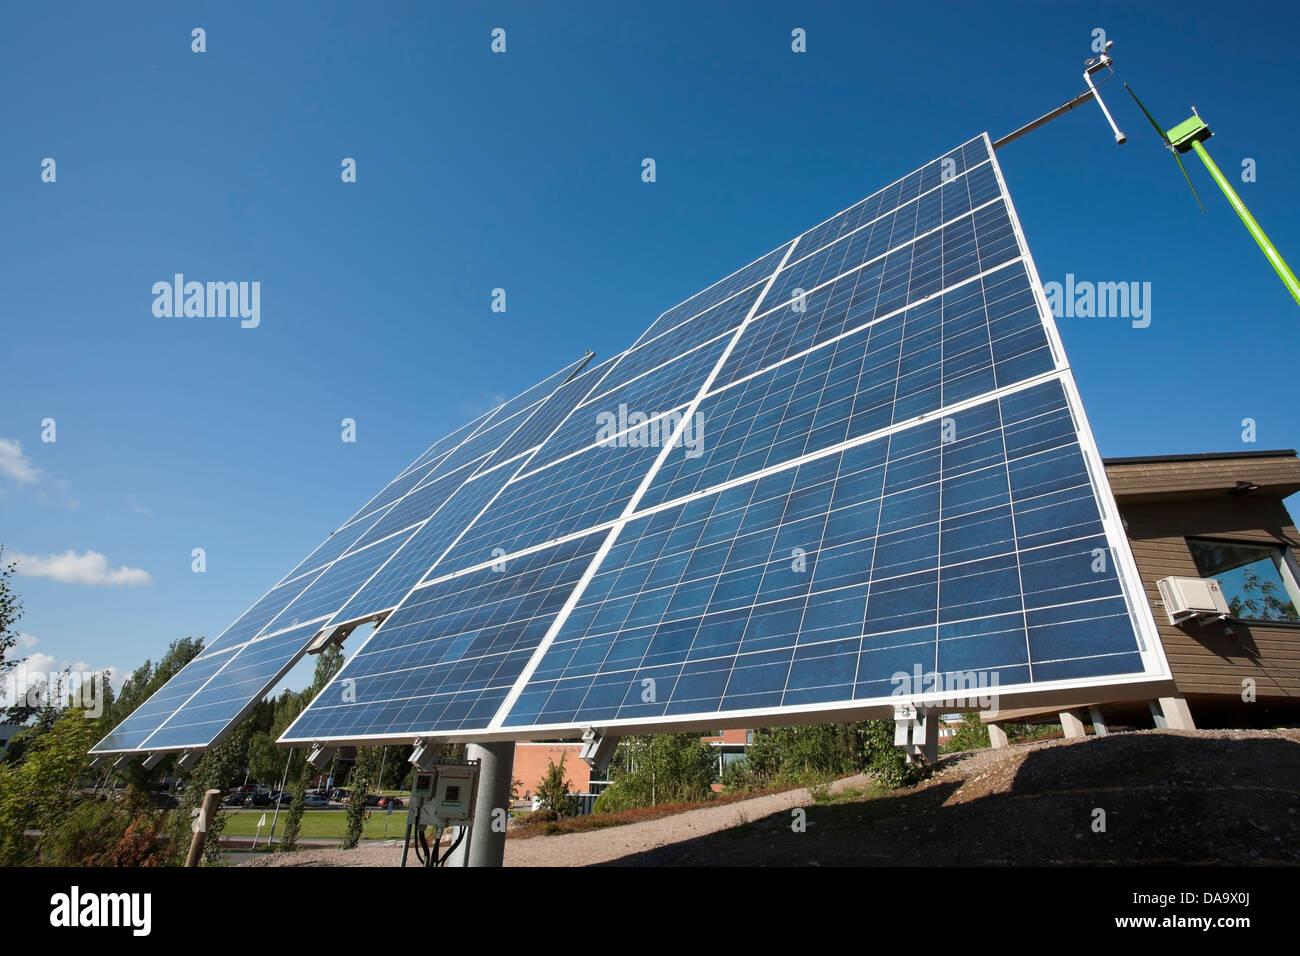 Panneaux solaires pour la production d'électricité, Lappeenranta FINLANDE Photo Stock